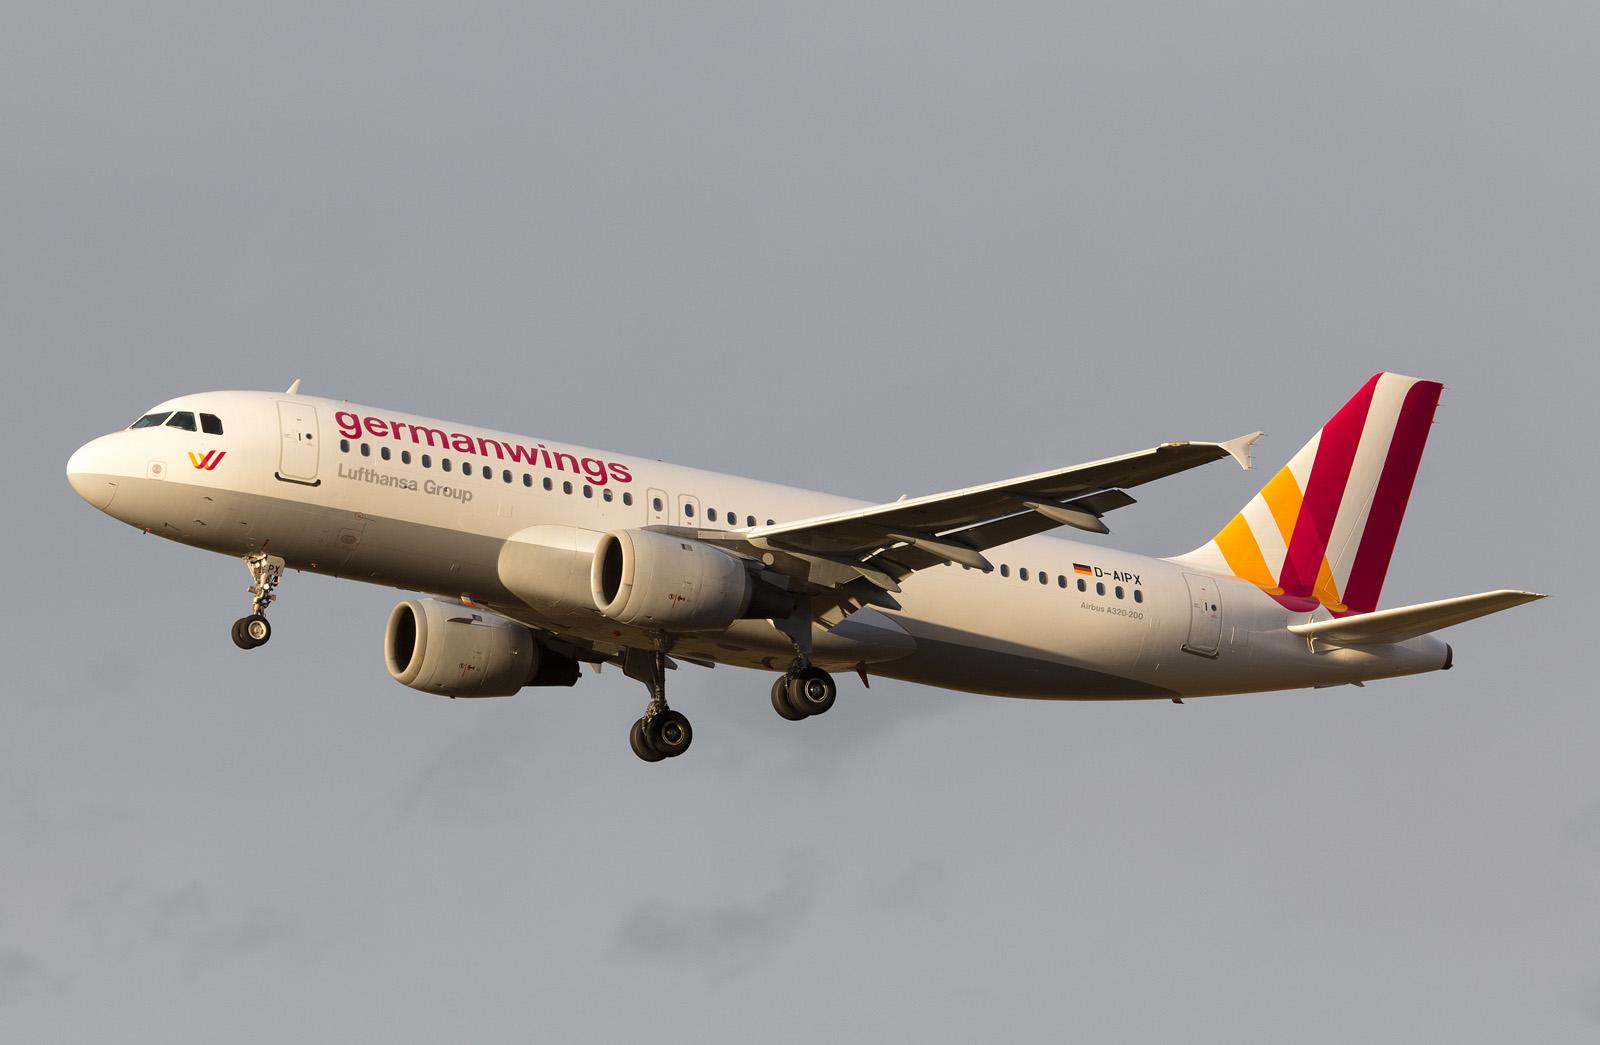 Airbus A320: A global, short-range workhorse | CNN Travel